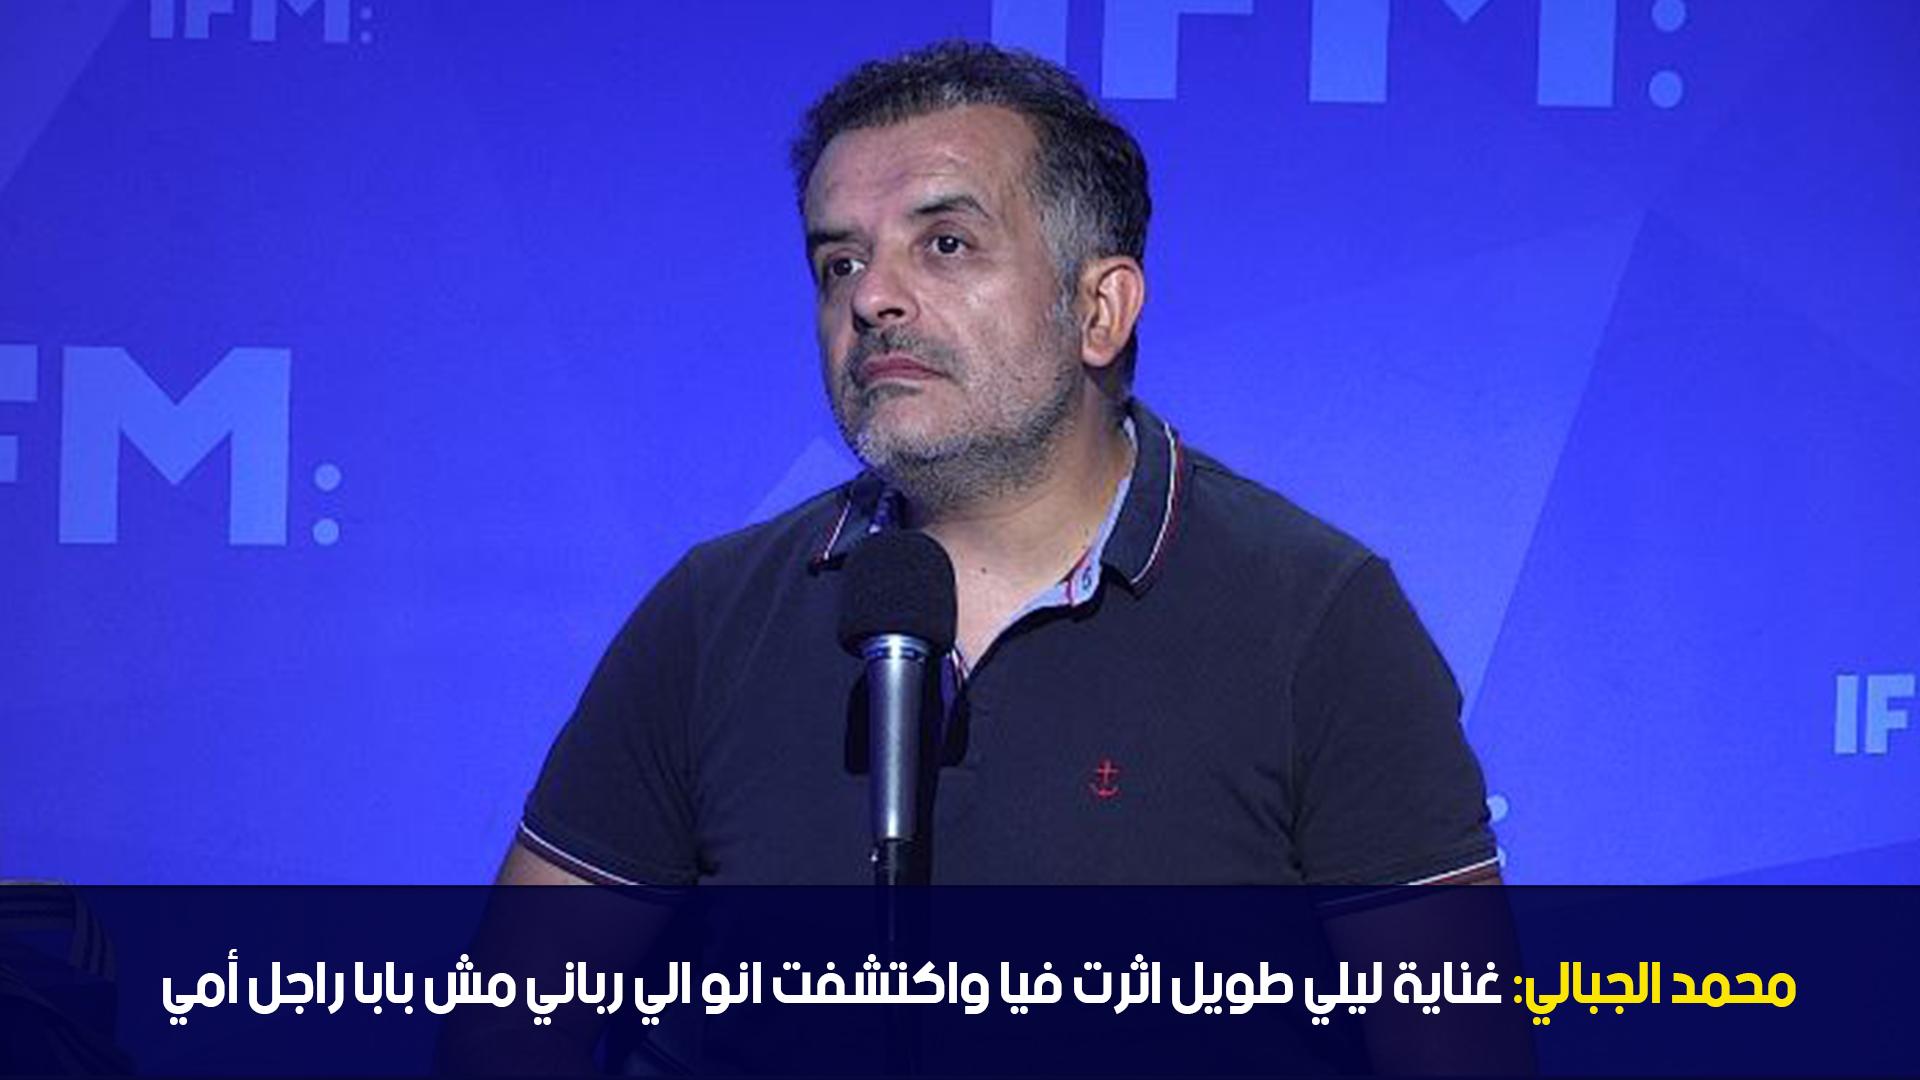 محمد الجبالي: غناية ليلي طويل اثرت فيا واكتشفت انو الي رباني مش بابا راجل أمي